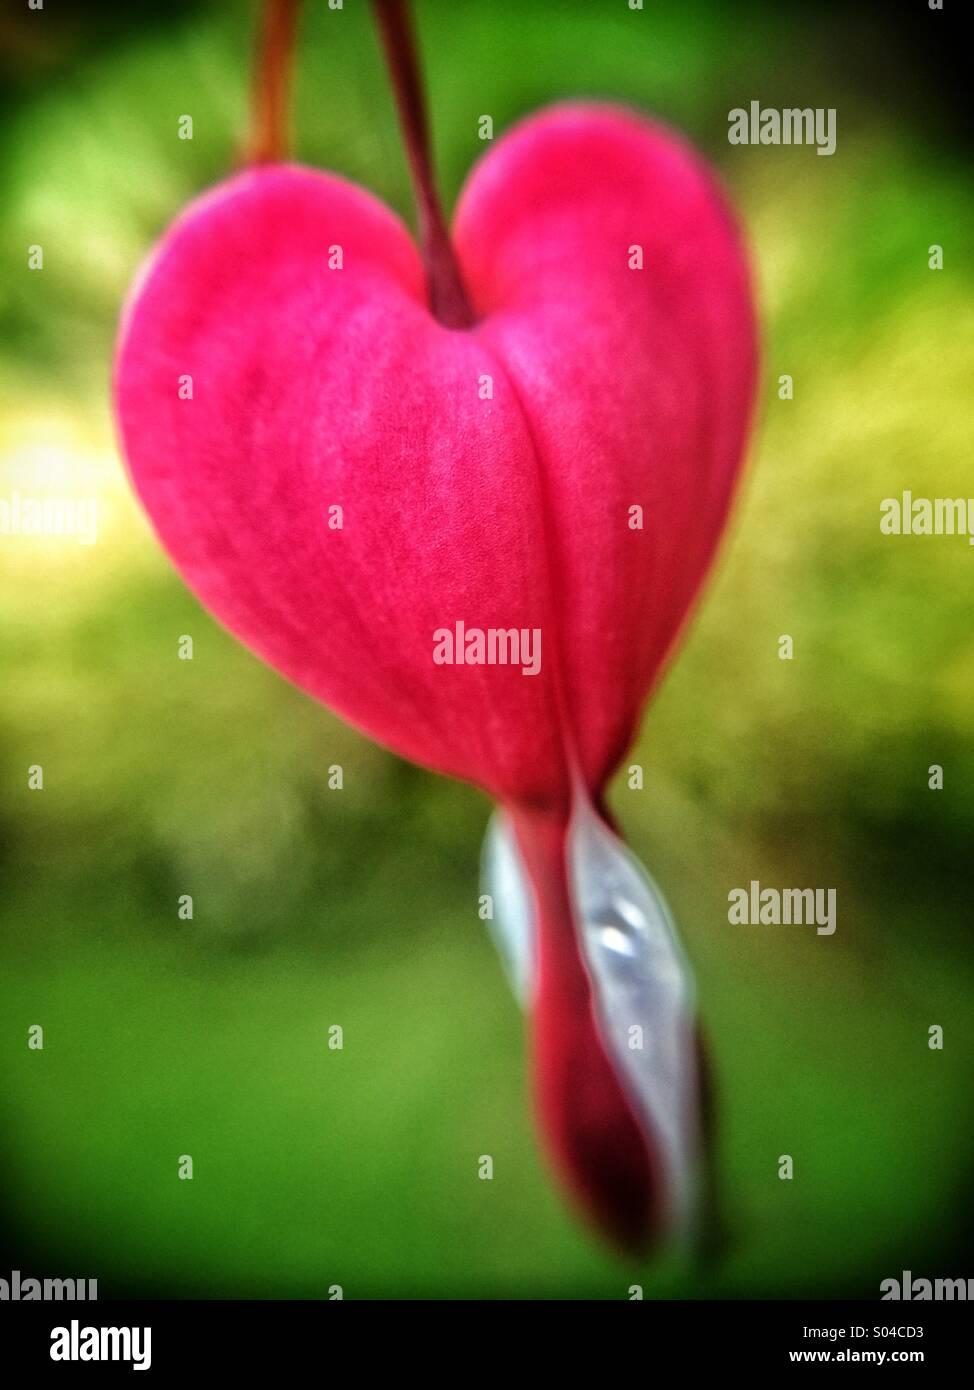 Corazón Sangrando Rojo En Forma De Corazón Con Punta Blanca Flor